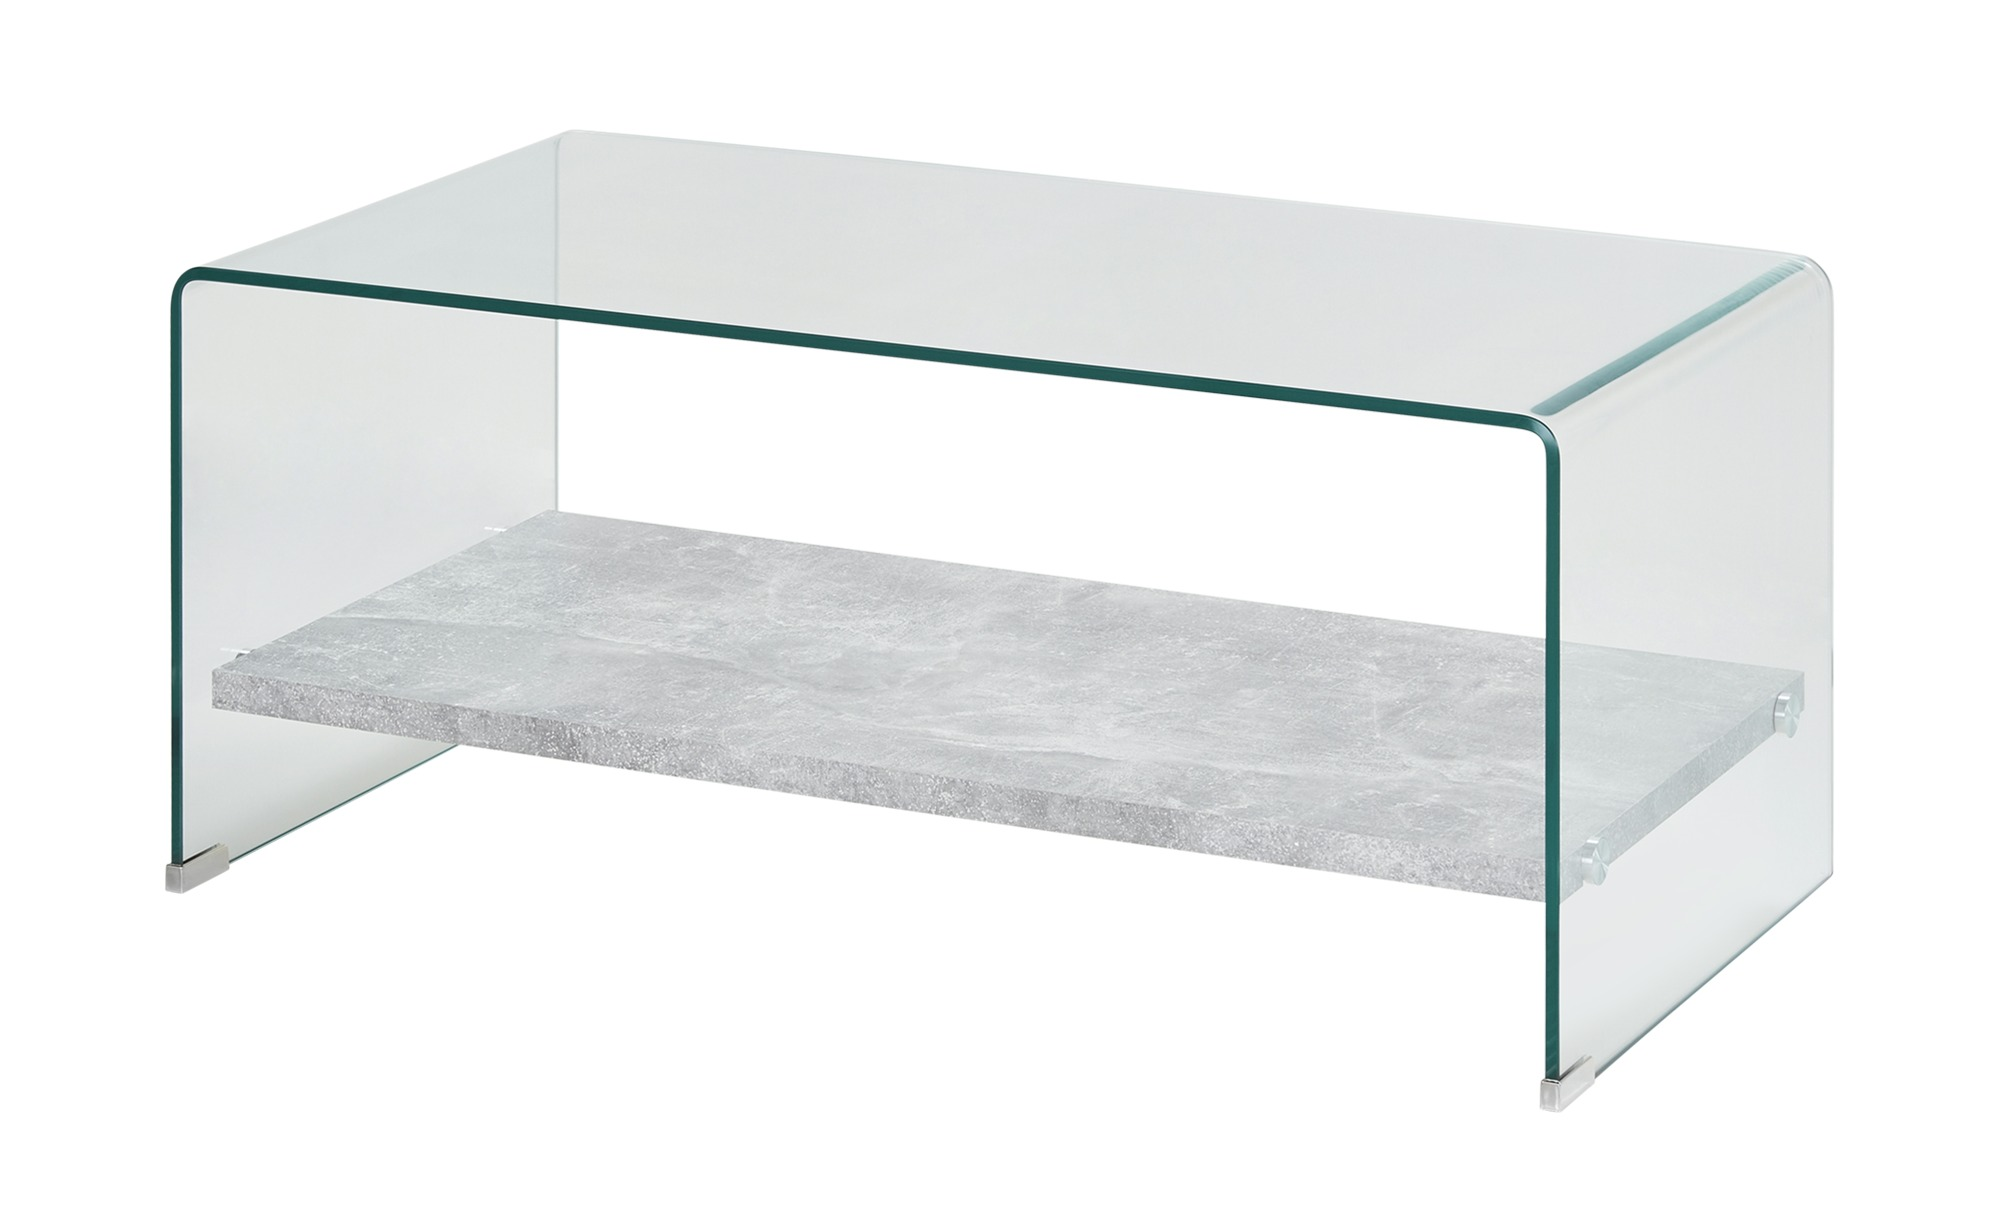 Couchtisch  Potsdam ¦ Maße (cm): B: 50 H: 44 T: 50 Tische > Couchtische > Couchtische rechteckig - Höffner